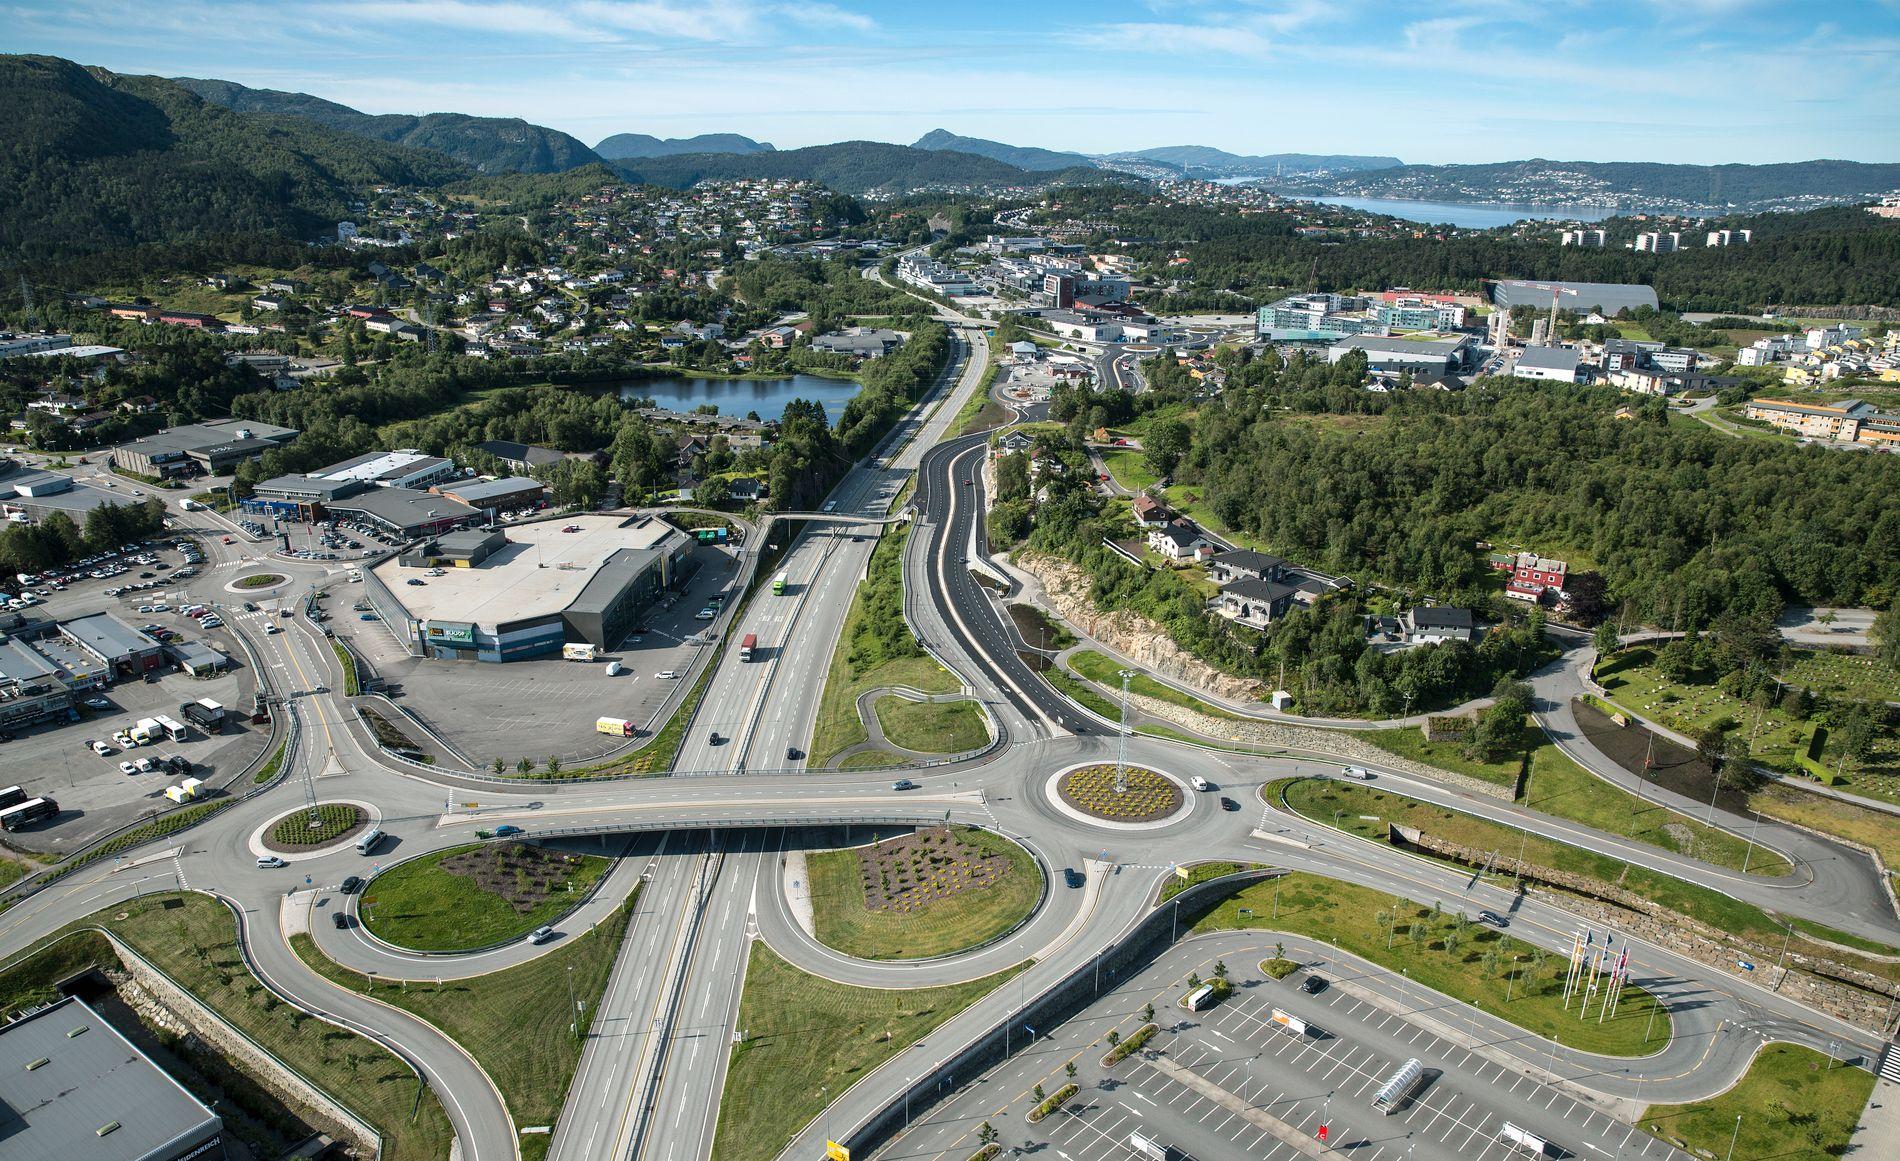 SPAGETTIKRYSS: Slik ser Åsane ut fra luften. Store motorveier og kjøpesentre dominerer landskapet.